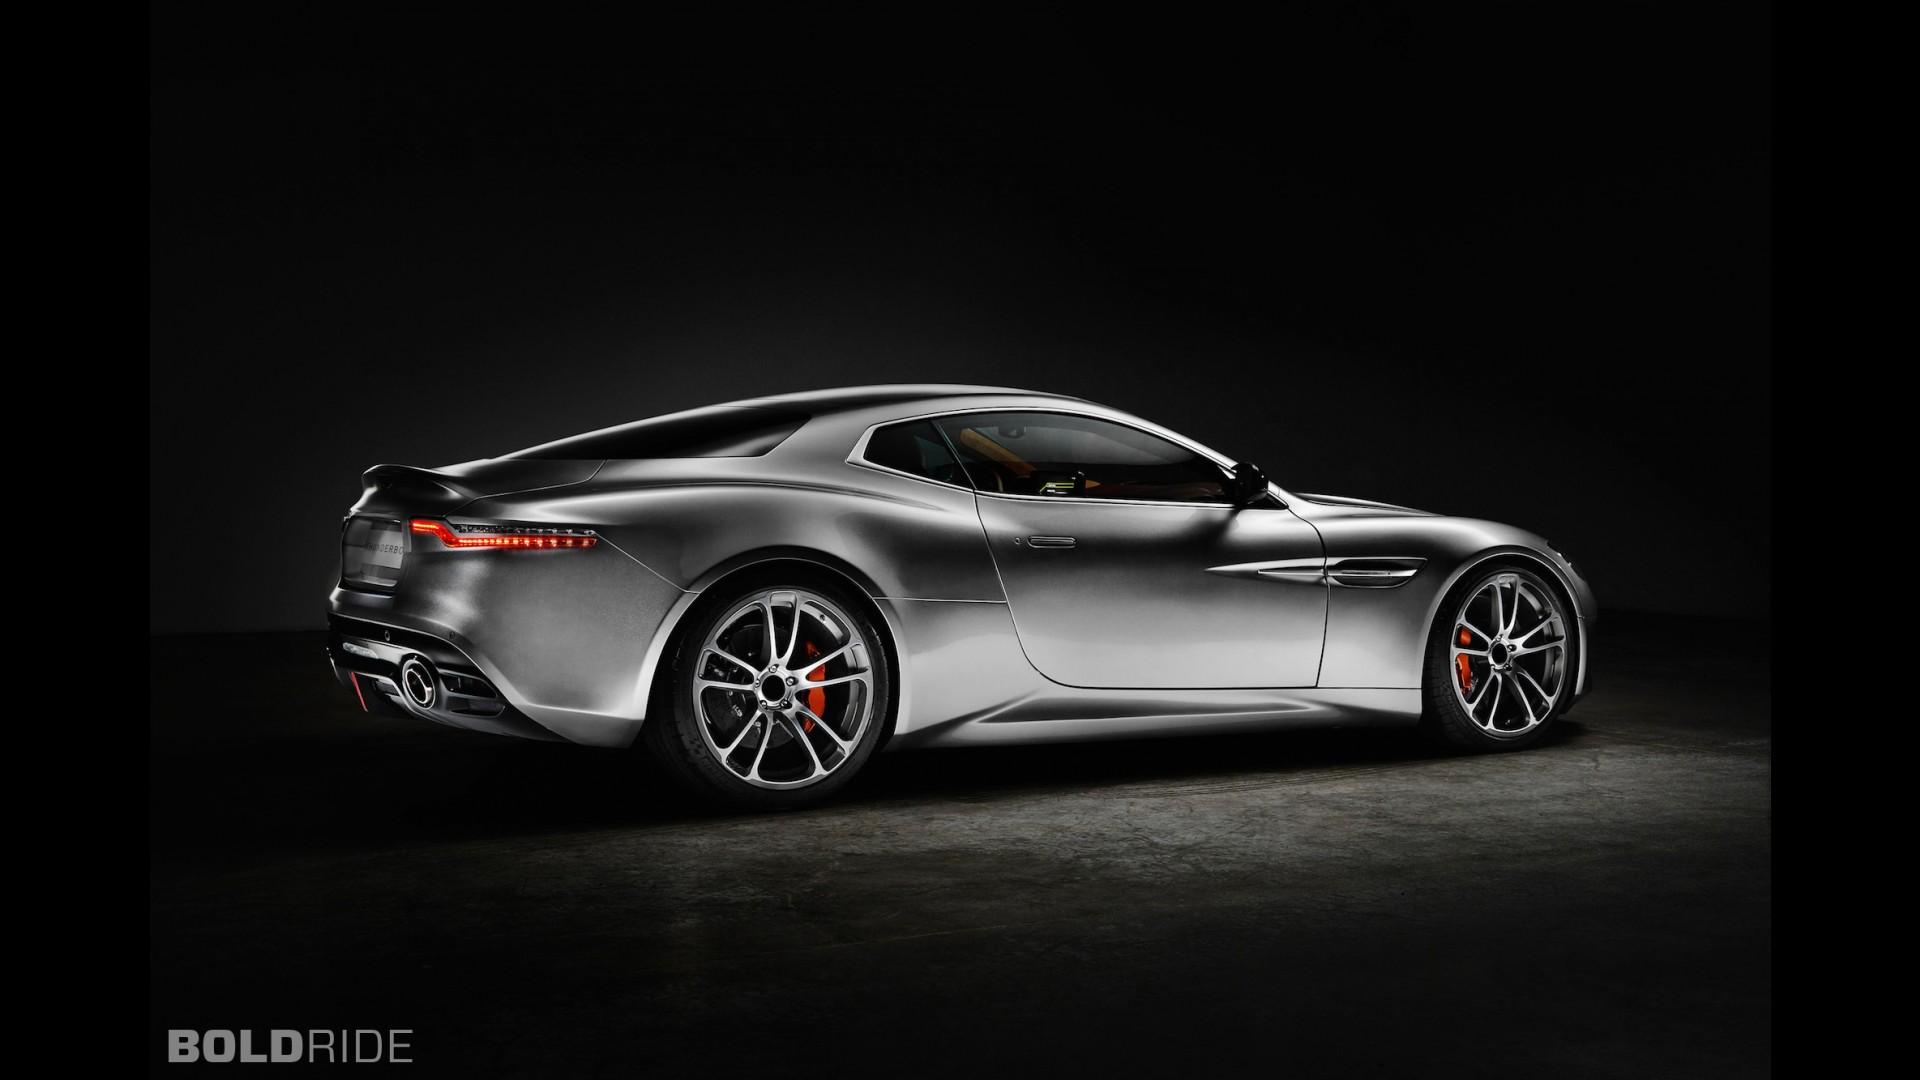 Aston Martin V12 Vanquish Thunderbolt